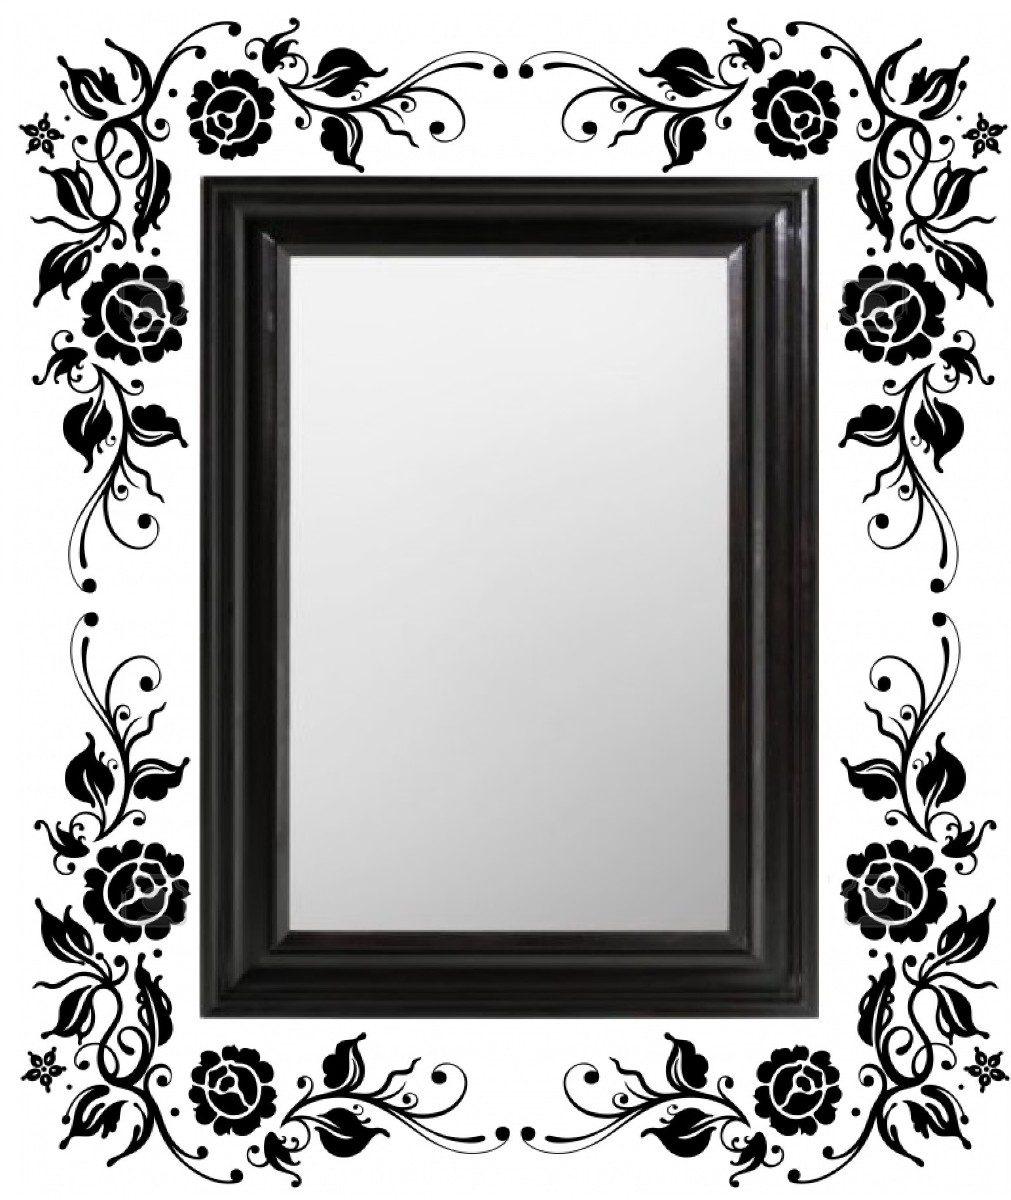 Vinilos adhesivos decorativos espejos en mercado libre - Vinilos para espejos ...